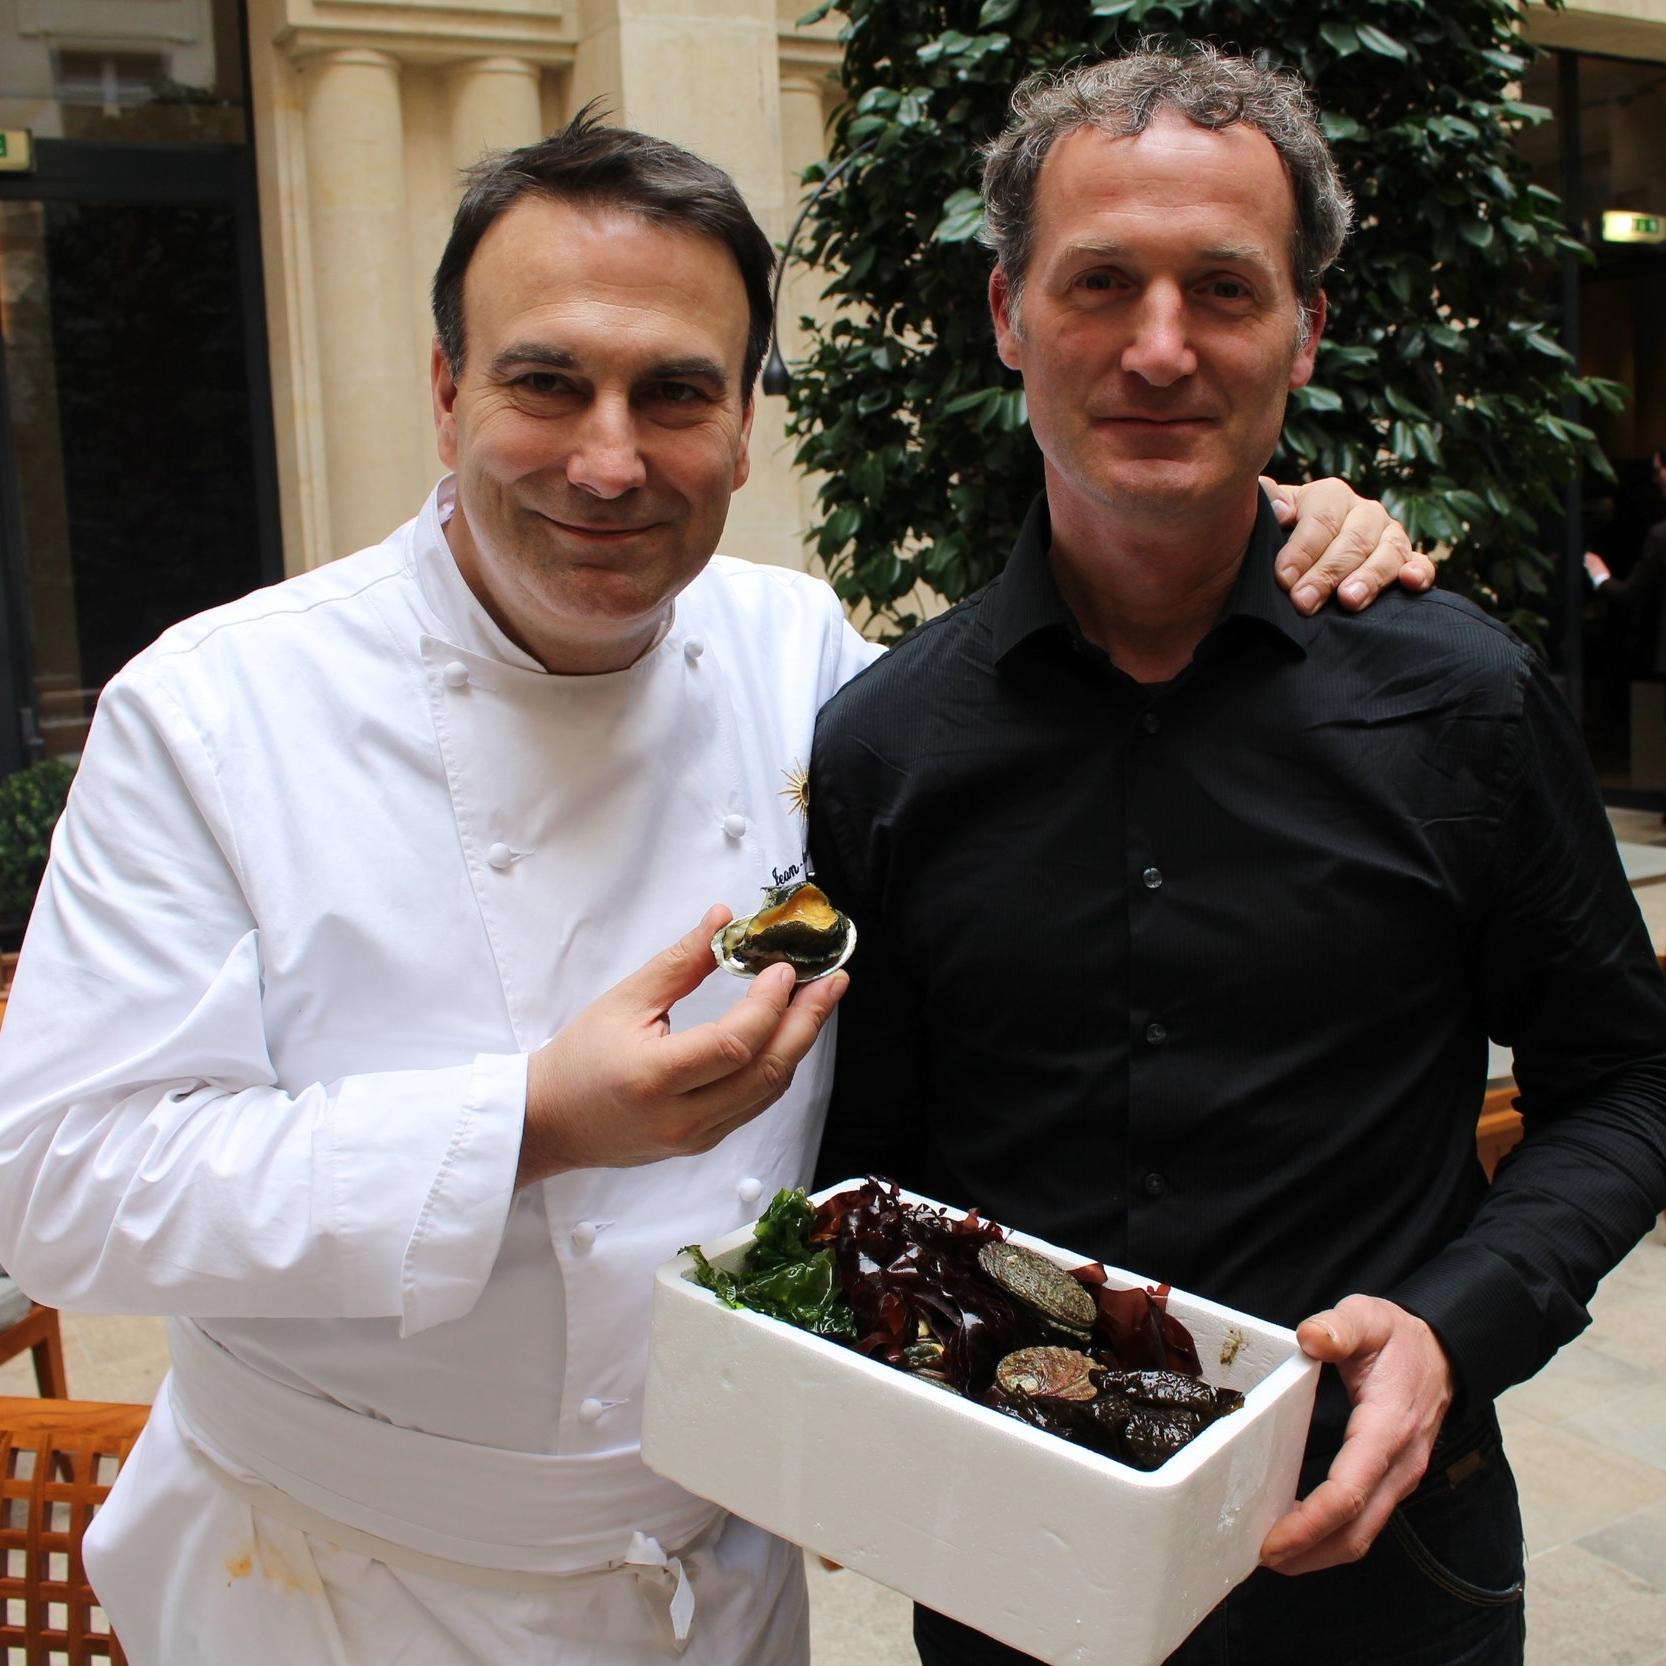 Fournisseur Ormeaux - Pur' - Jean-François Rouquette - Restaurant étoilé Paris 2e